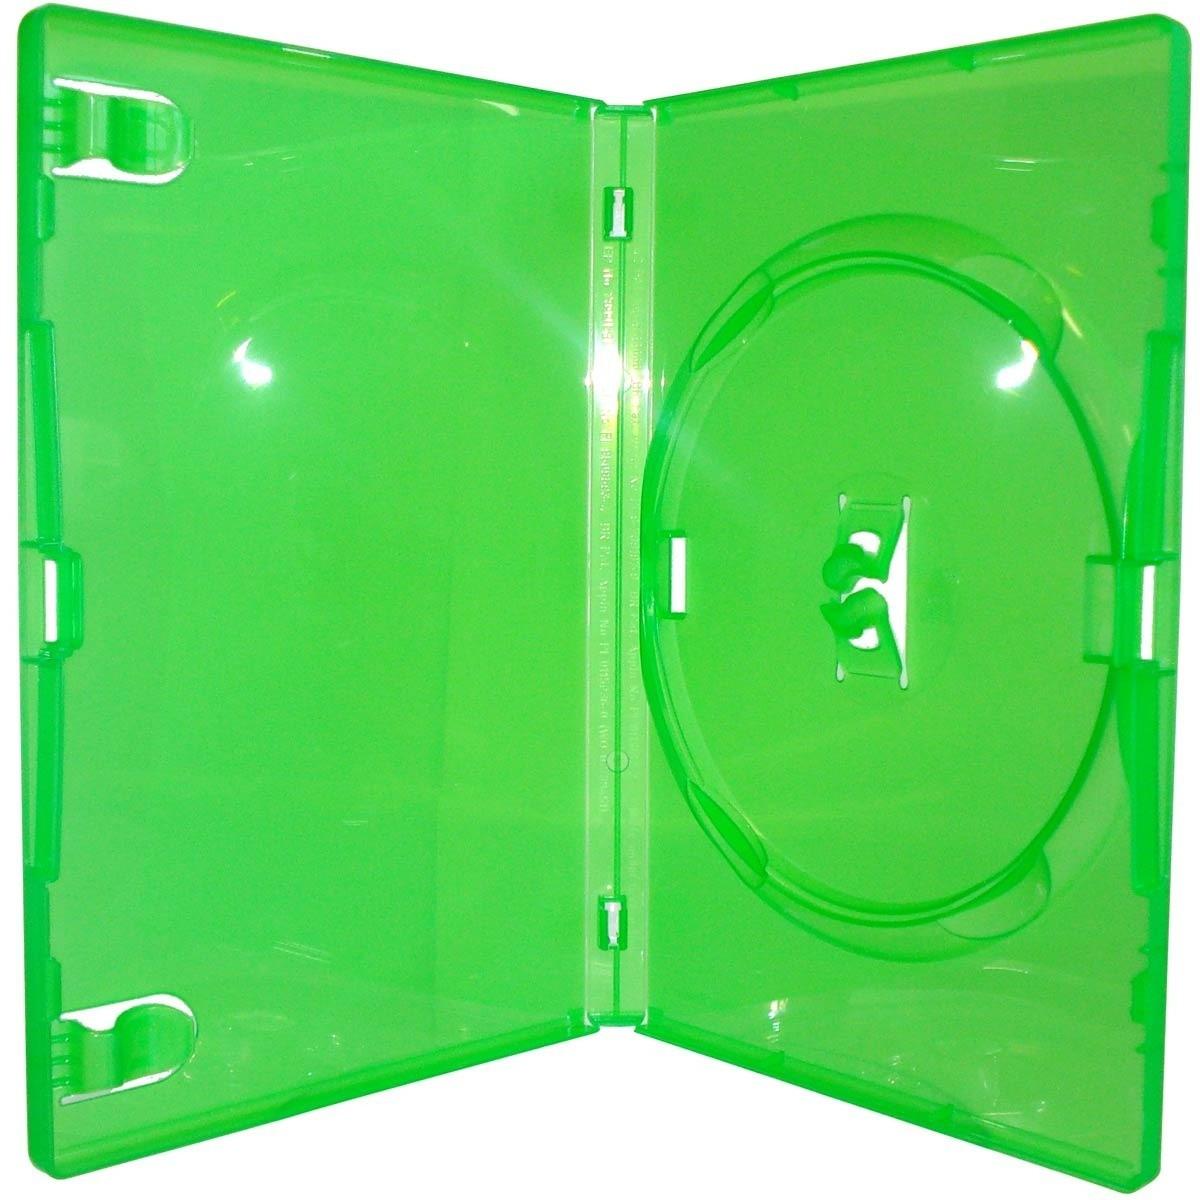 Estojo Capa Dvd Box Amaray Verde Grosso Caixa C/200 Unidades